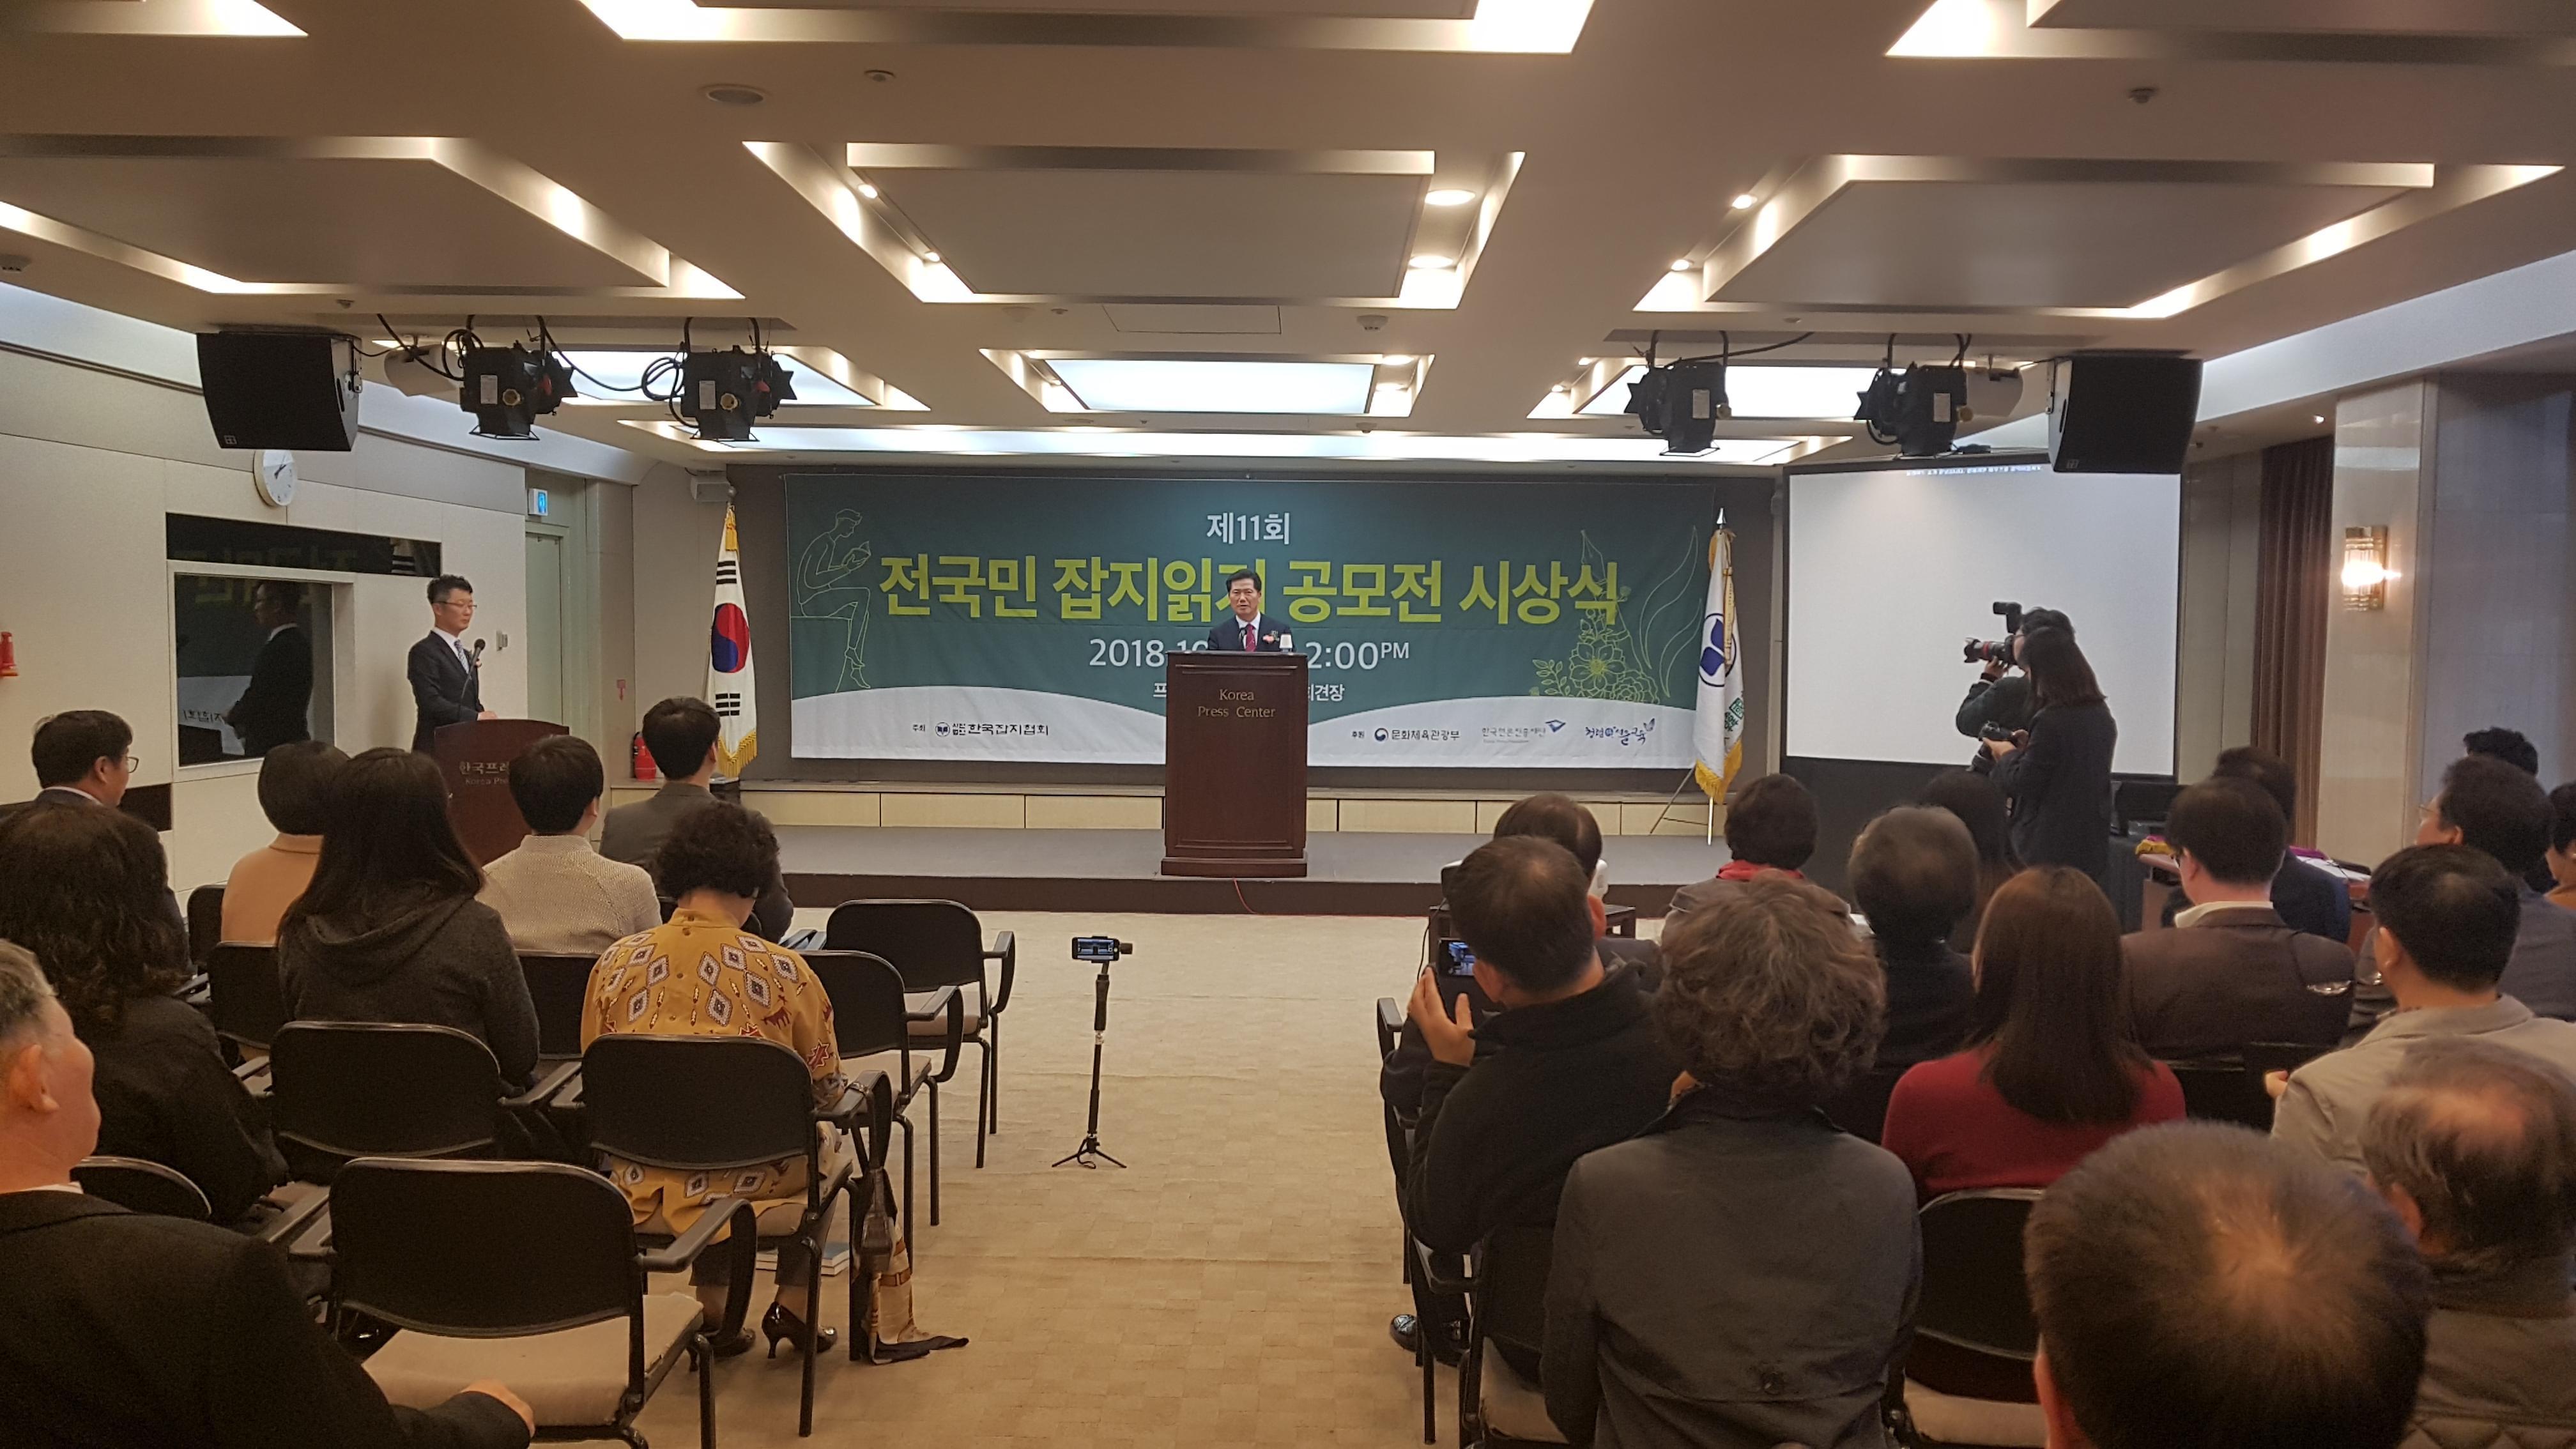 전국민잡지읽기공모전 시상식 개최..일반부 최우수상 정승화씨